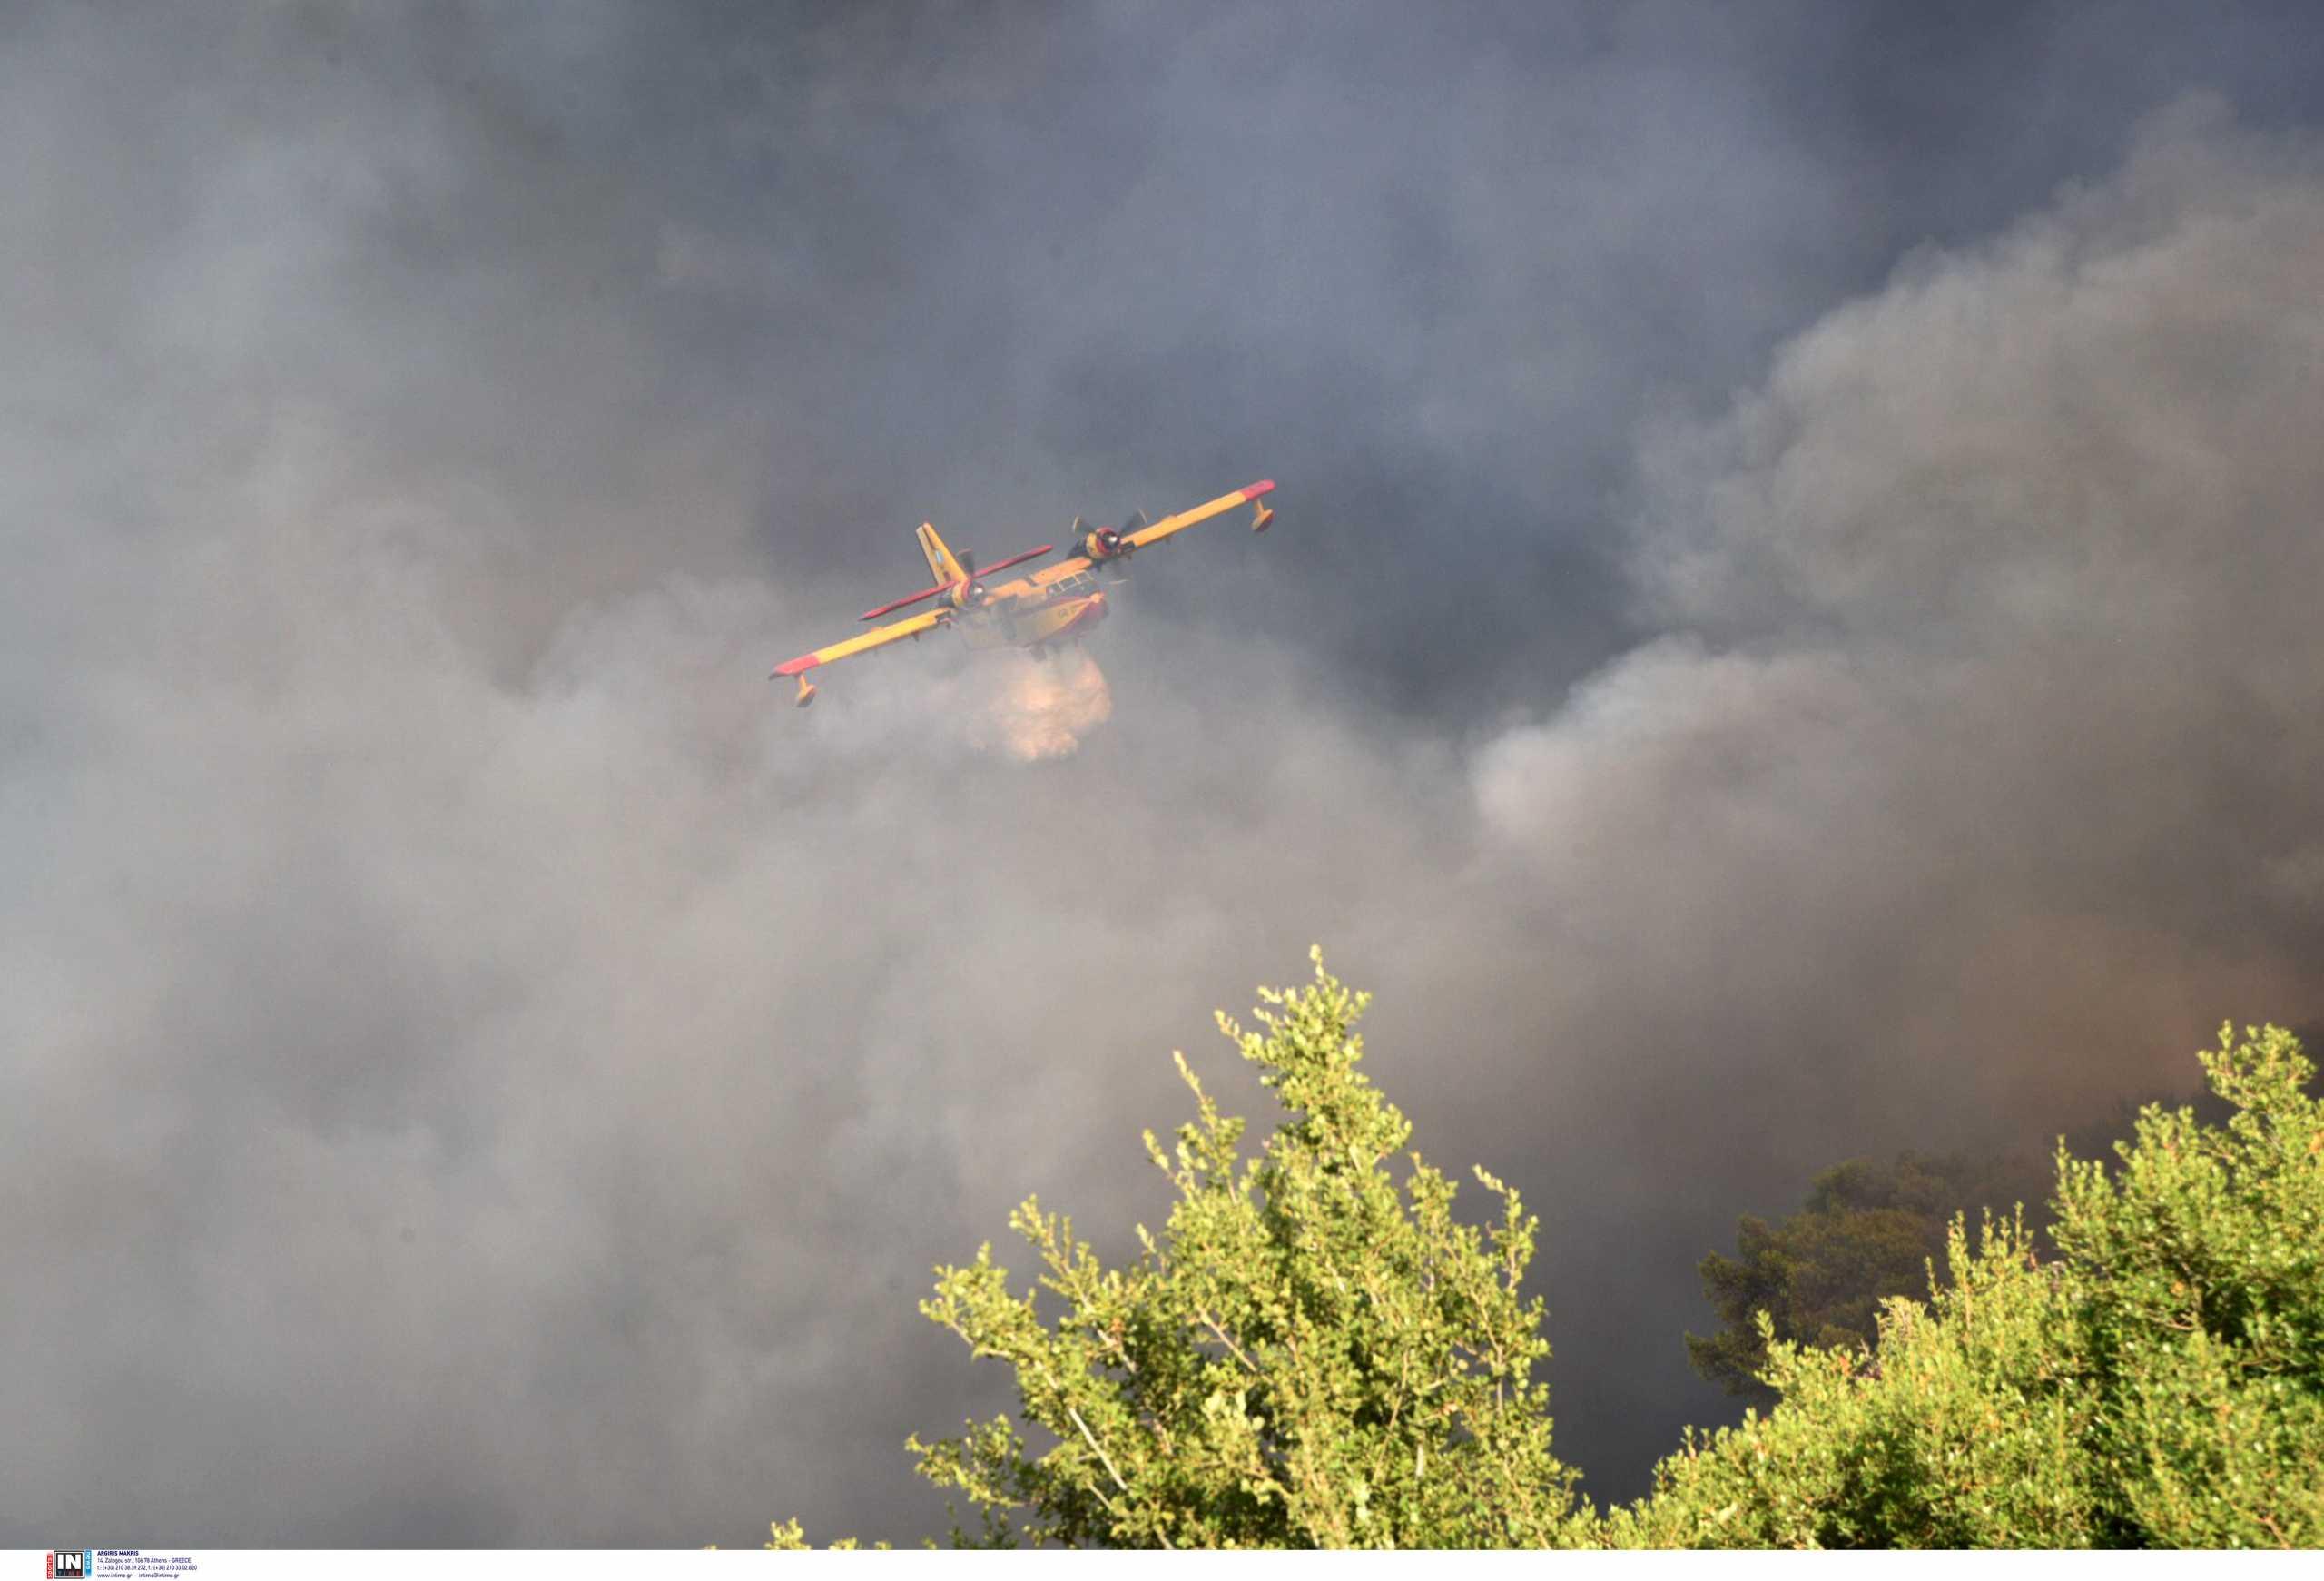 Φωτιά στην Αχαΐα: Συστάσεις από την Ένωση Πνευμονολόγων στους κατοίκους της περιοχής